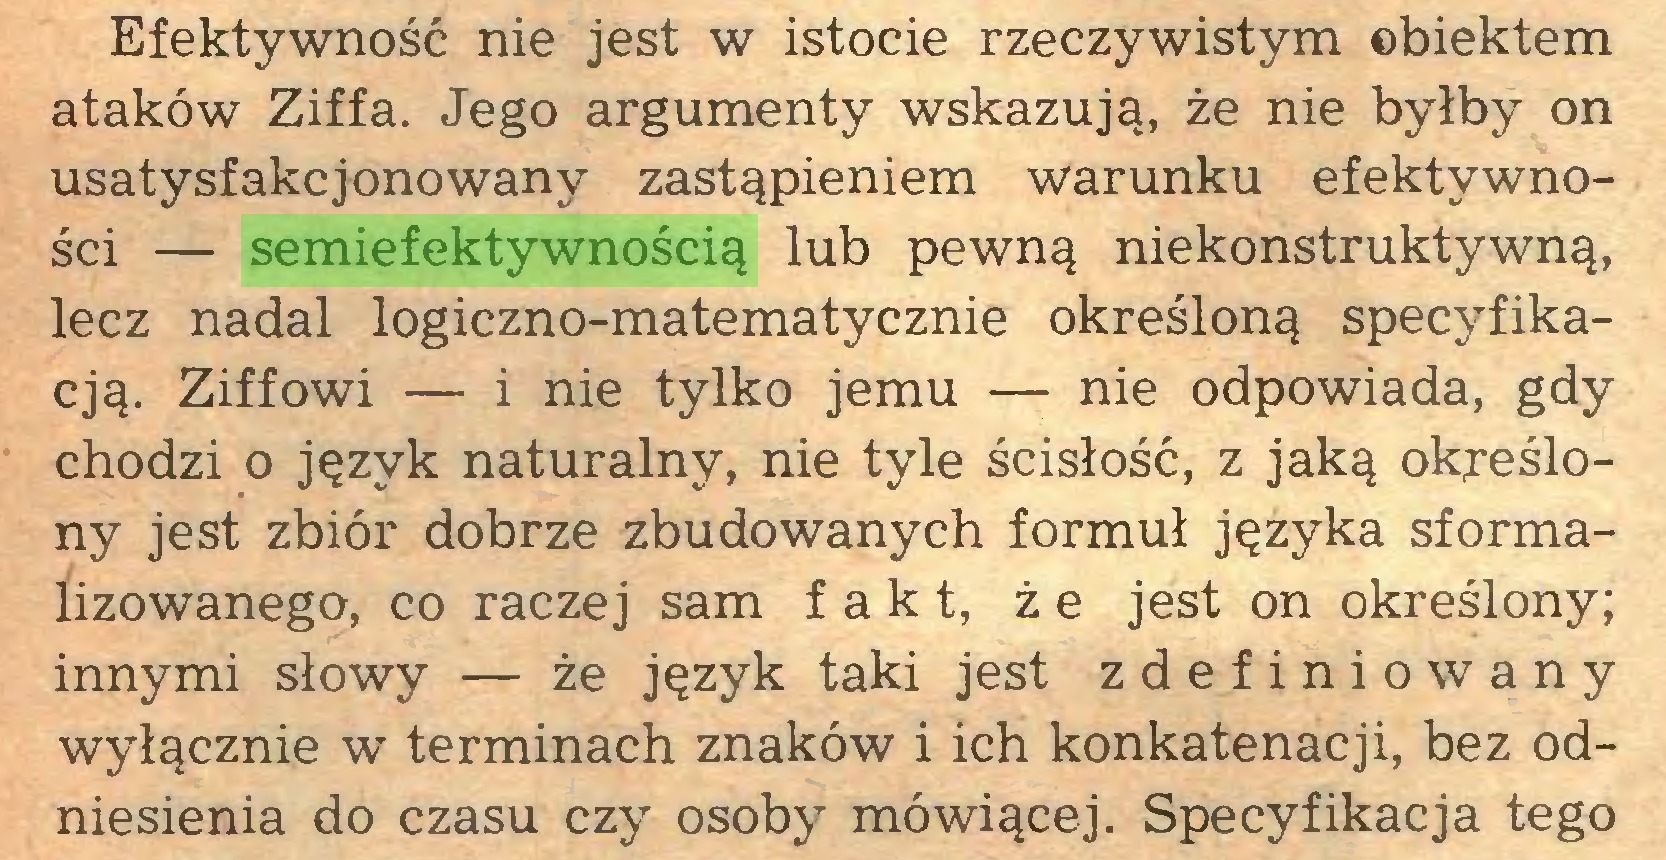 (...) Efektywność nie jest w istocie rzeczywistym ©biektem ataków Ziffa. Jego argumenty wskazują, że nie byłby on usatysfakcjonowany zastąpieniem warunku efektywności — semiefektywnością lub pewną niekonstruktywną, lecz nadal logiczno-matematycznie określoną specyfikacją. Ziffowi — i nie tylko jemu — nie odpowiada, gdy chodzi o język naturalny, nie tyle ścisłość, z jaką określony jest zbiór dobrze zbudowanych formuł języka sformalizowanego, co raczej sam fakt, że jest on określony; innymi słowy — że język taki jest zdefiniowany wyłącznie w terminach znaków i ich konkatenacji, bez odniesienia do czasu czy osoby mówiącej. Specyfikacja tego...